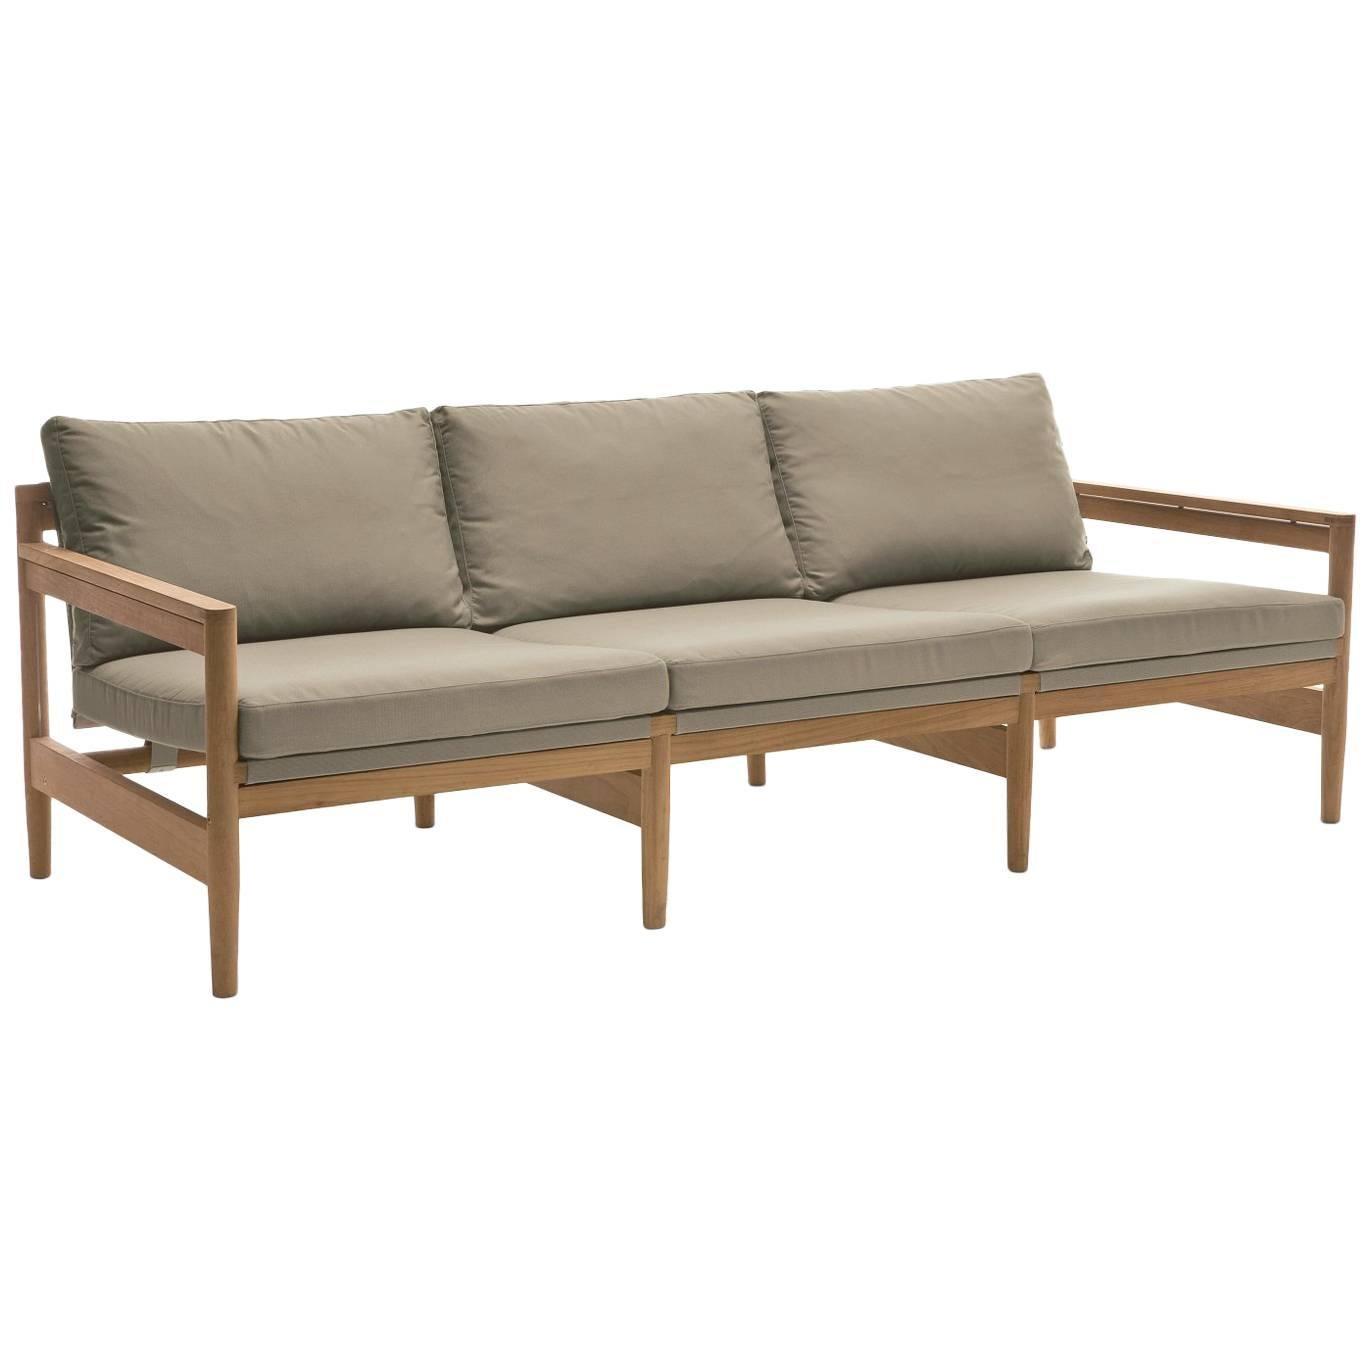 Roda Indoor/Outdoor Road 143 Sofa Designed by Rodolfo Dordoni